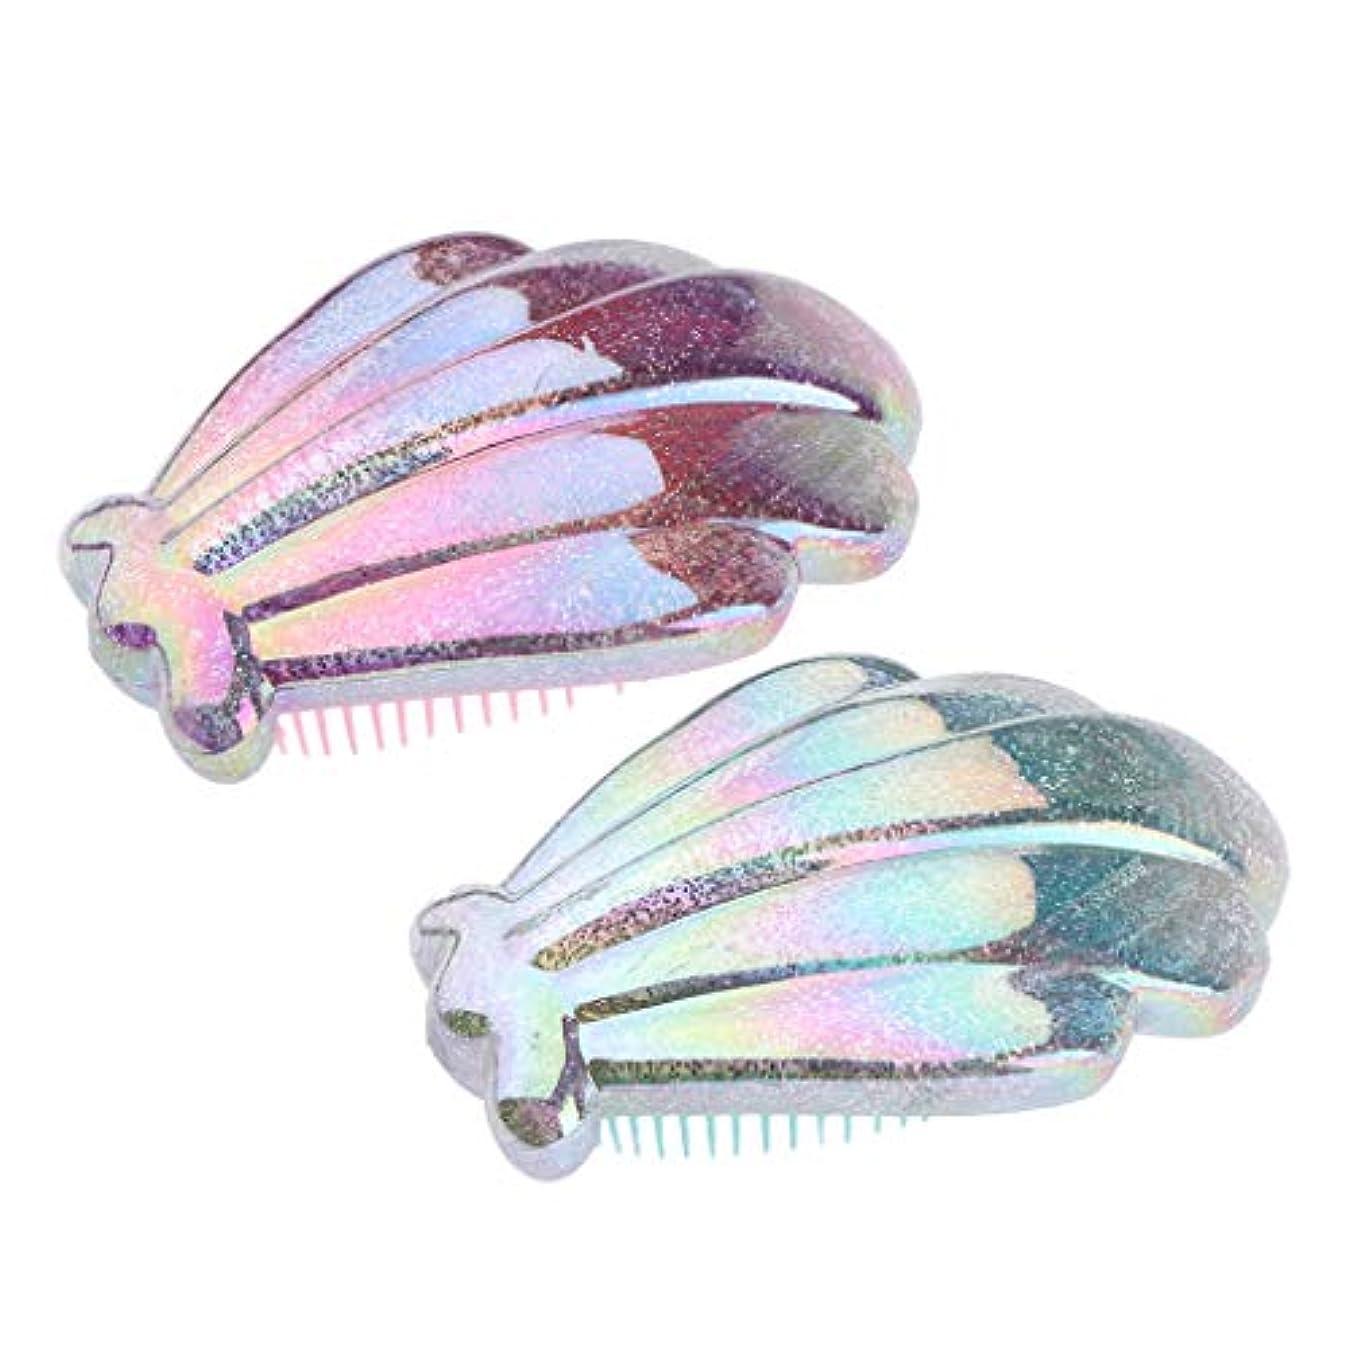 こしょう同行する砲兵2個入 ヘアブラシ クッションブラシ コーム 櫛 ヘアケア 髪 美髪ケア 静電気防止 頭皮マッサージ